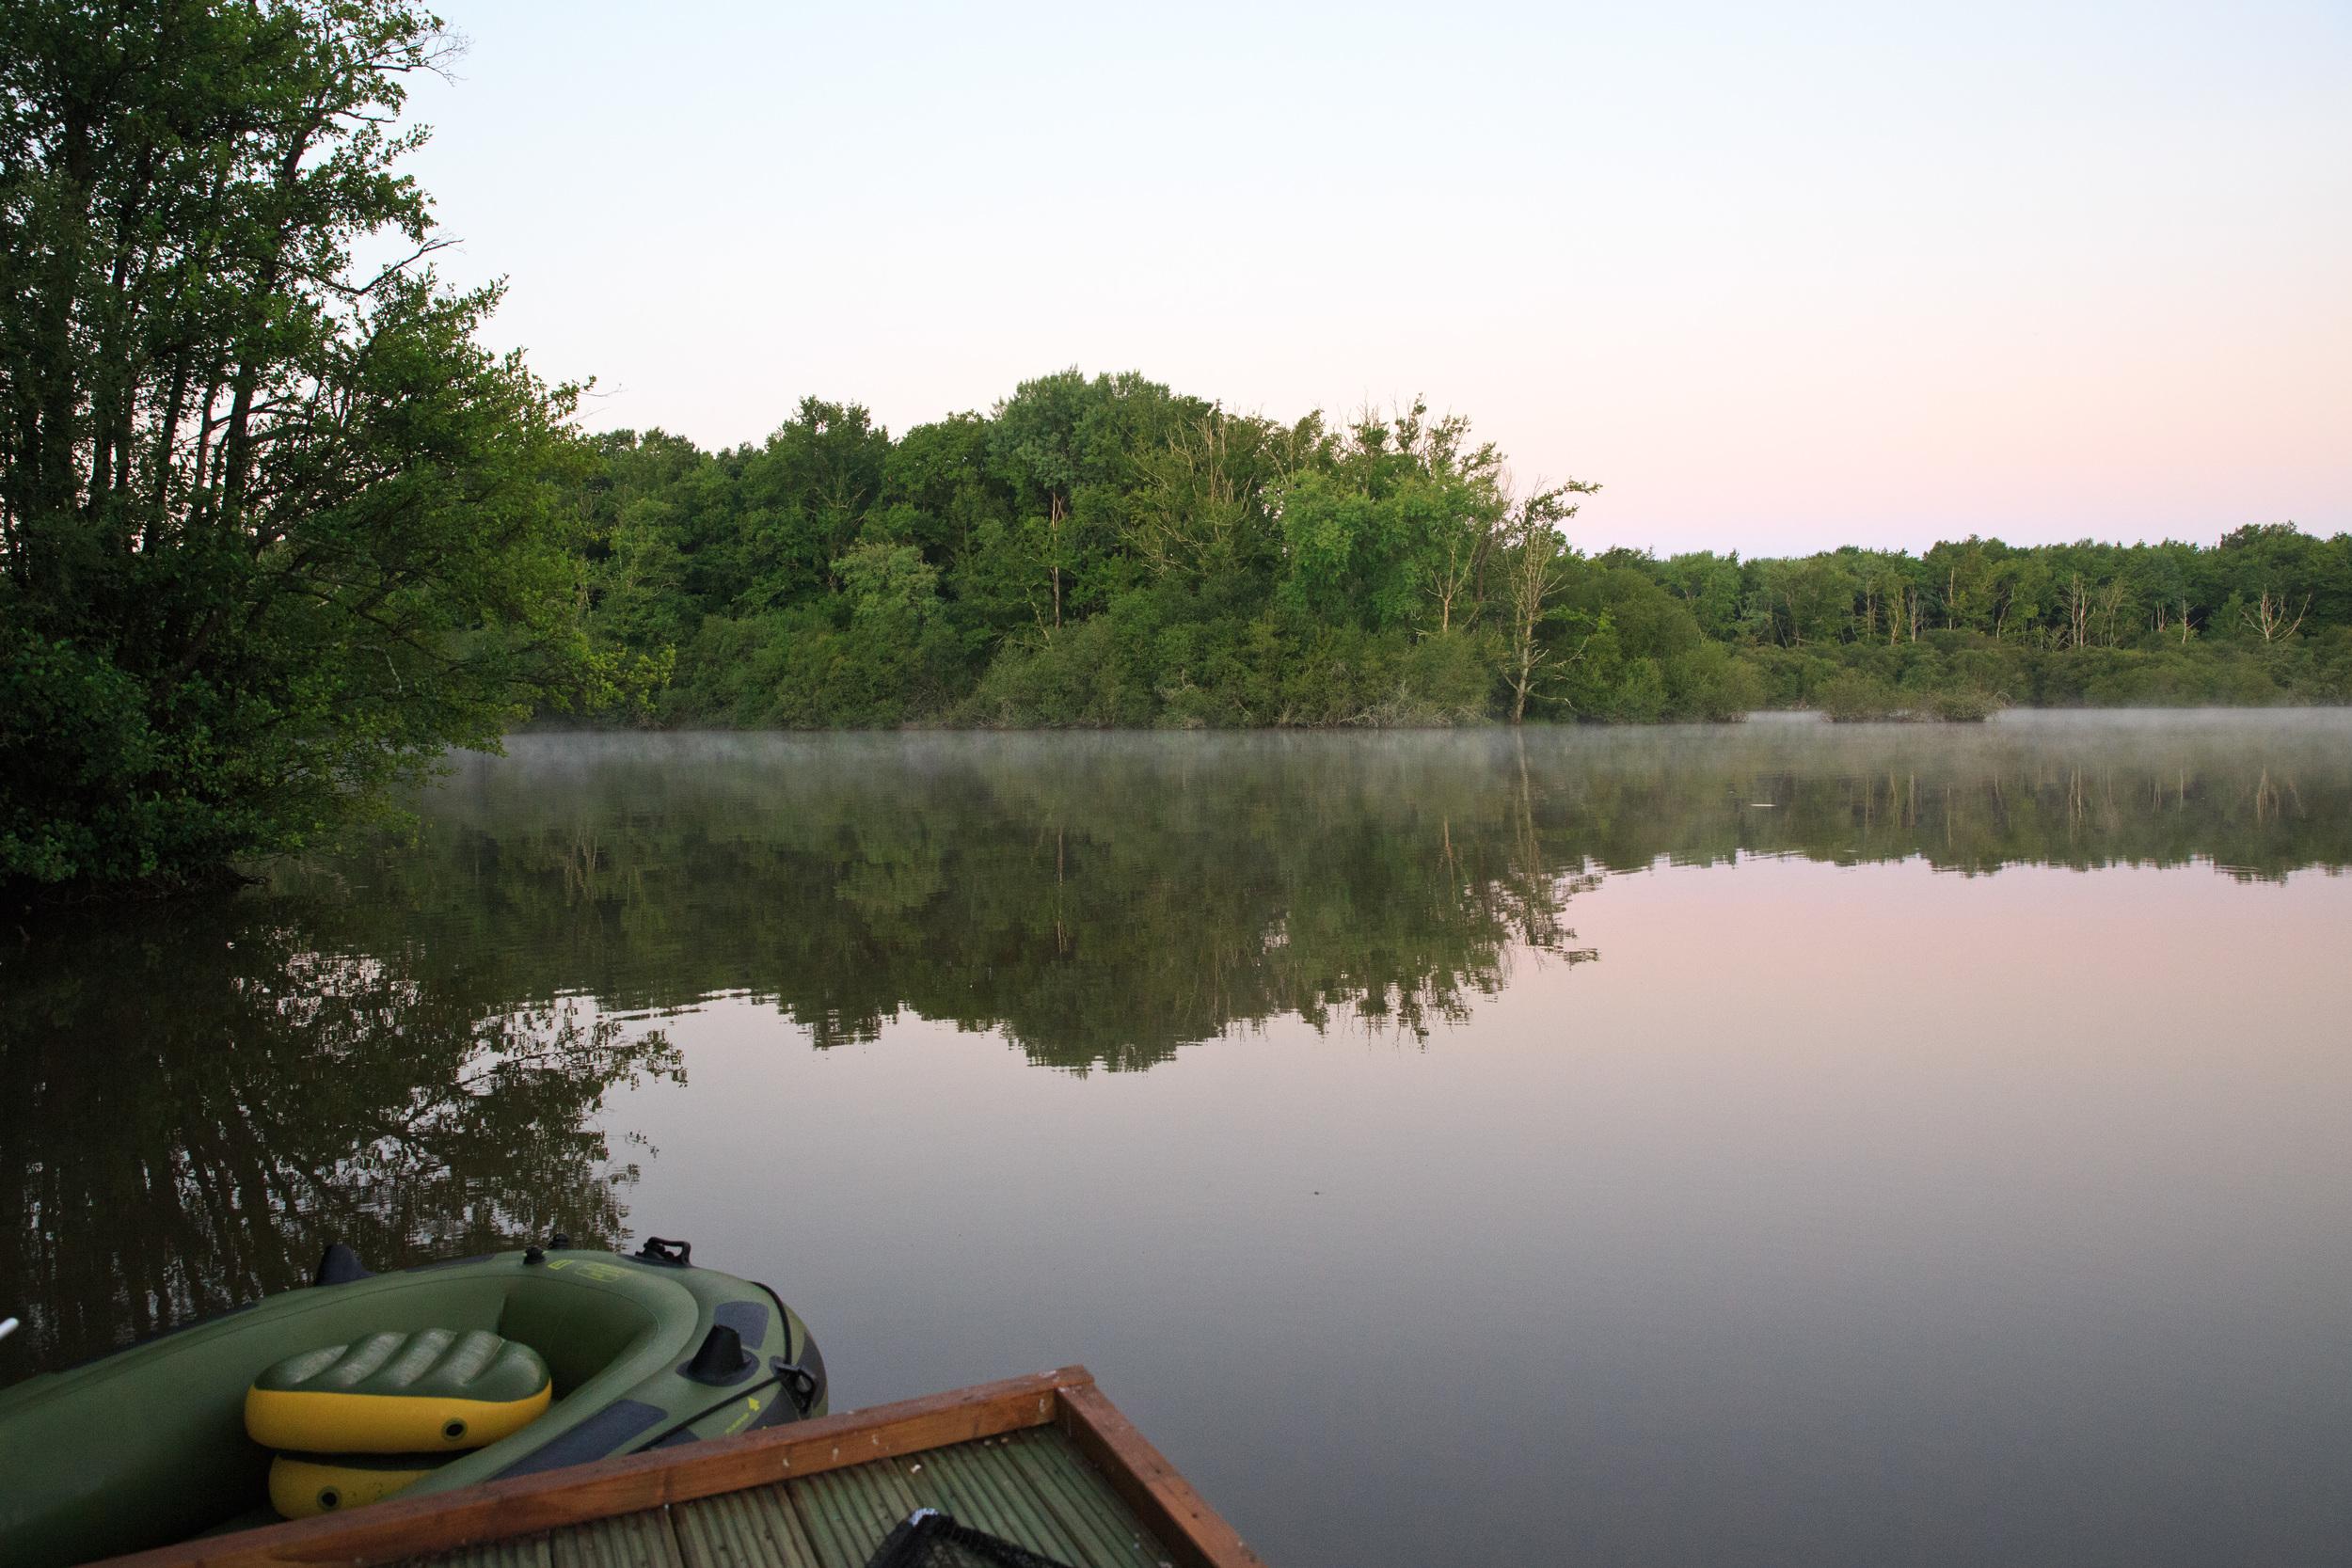 Lake-Meillant-2013_107.jpg